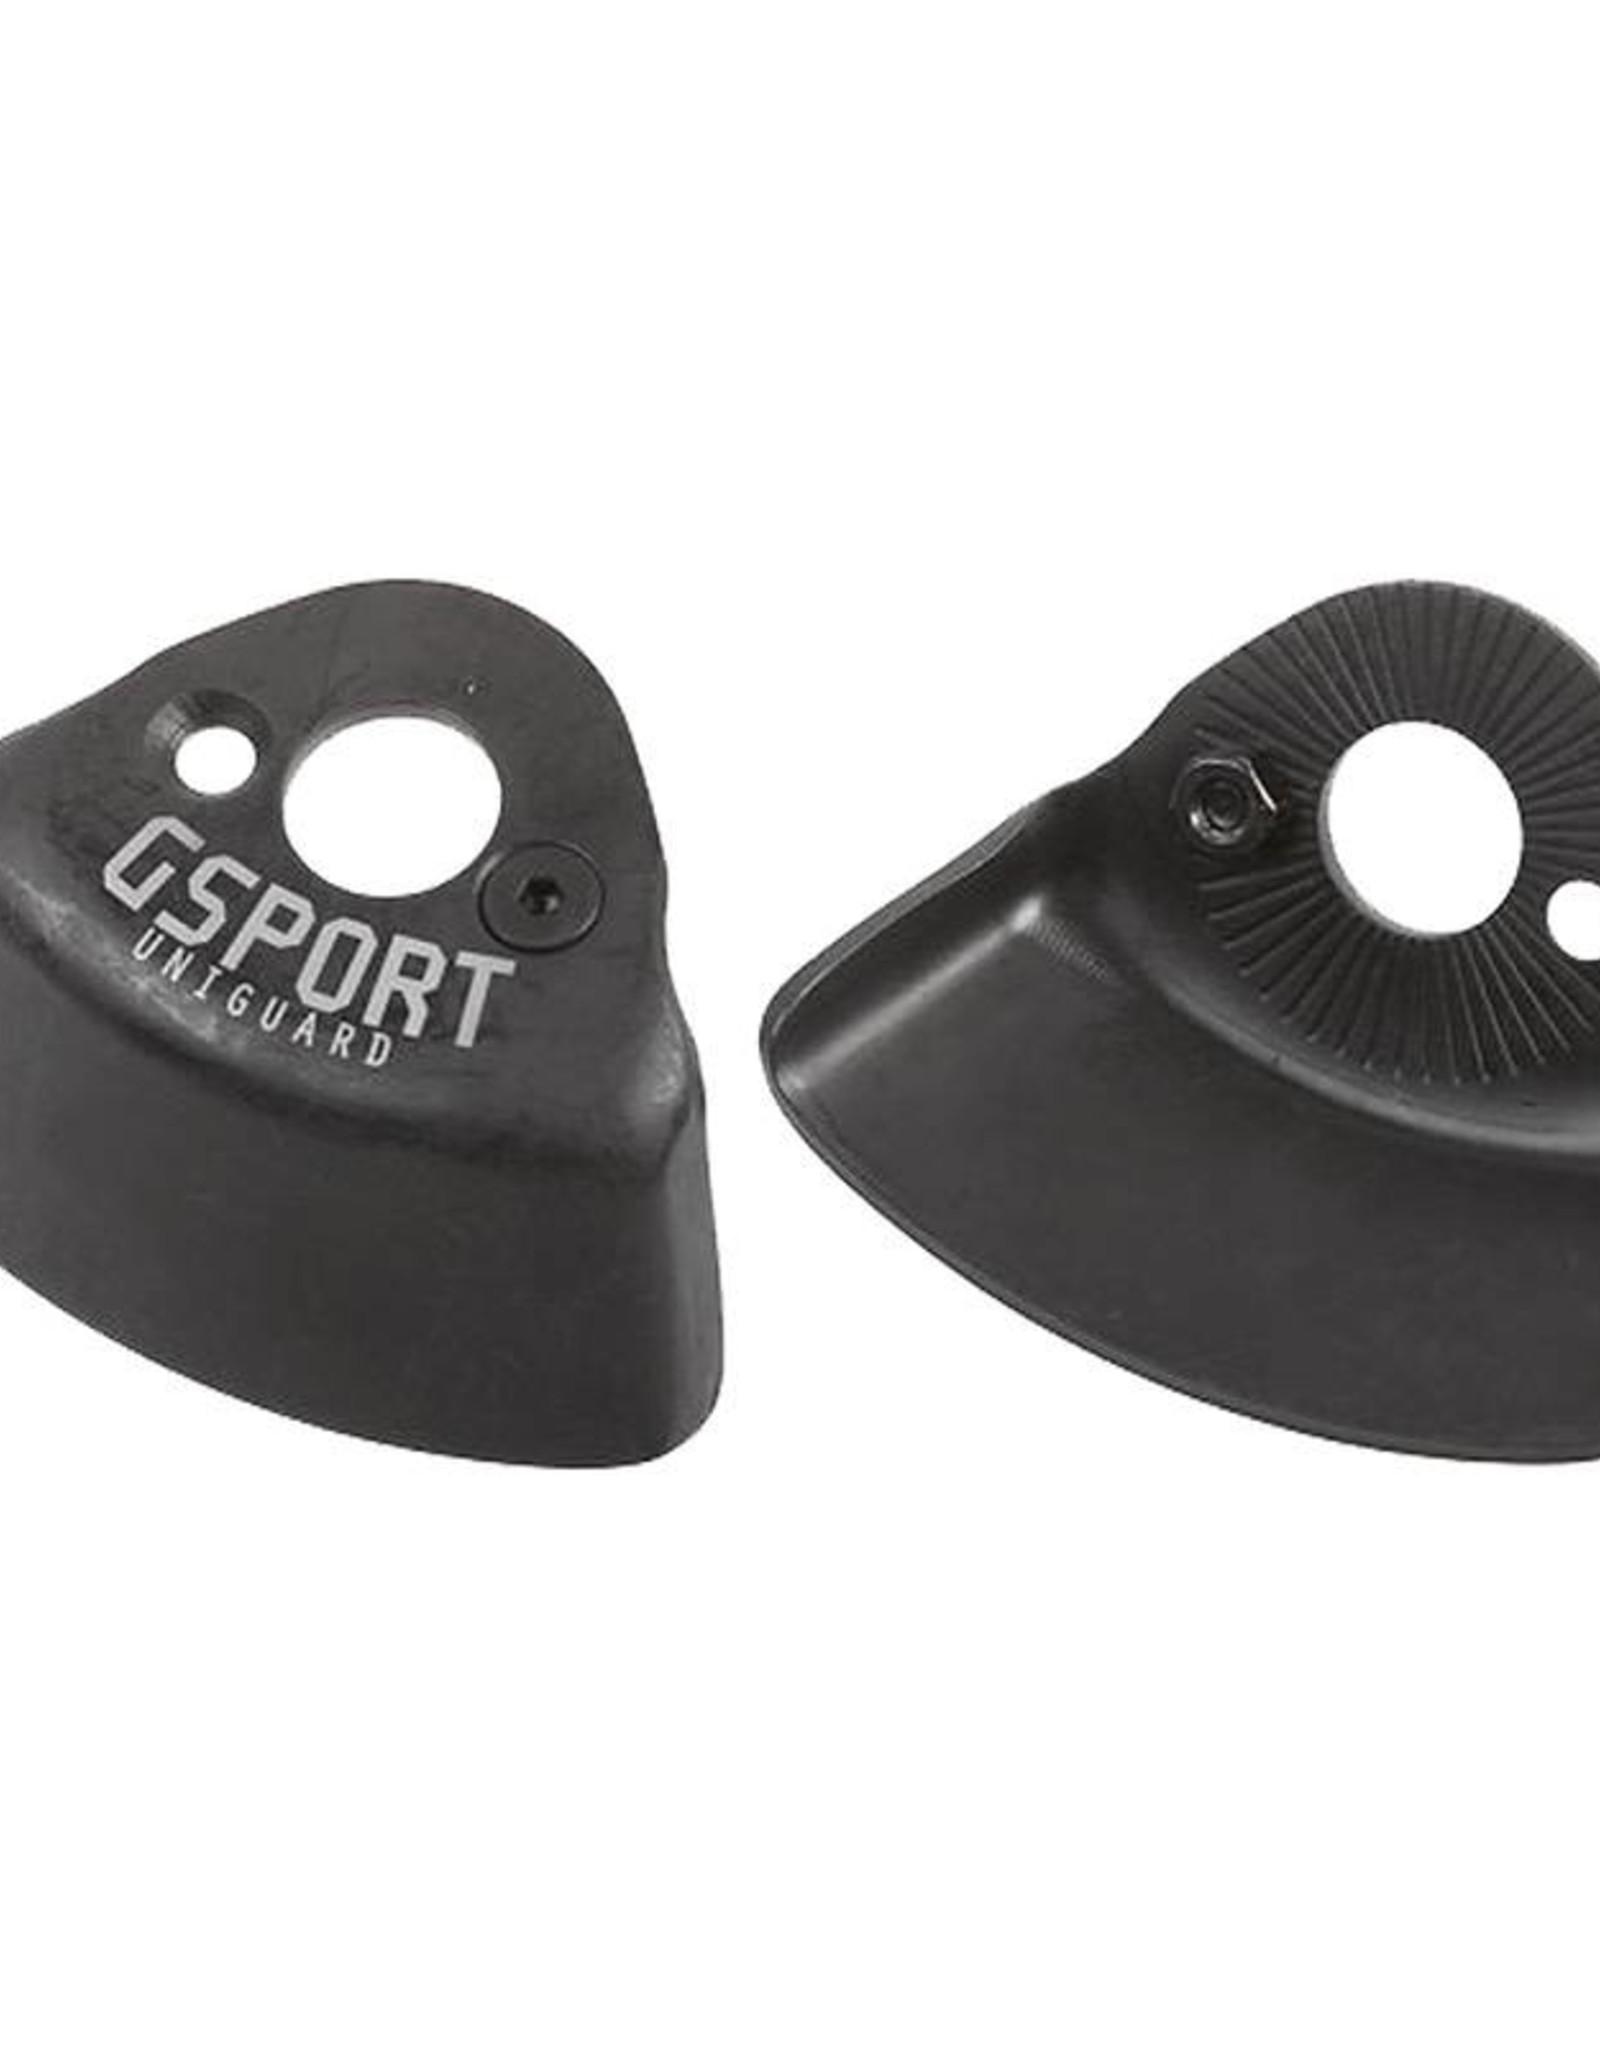 G Sport G Sport Unigaurd Hub Guard 14mm